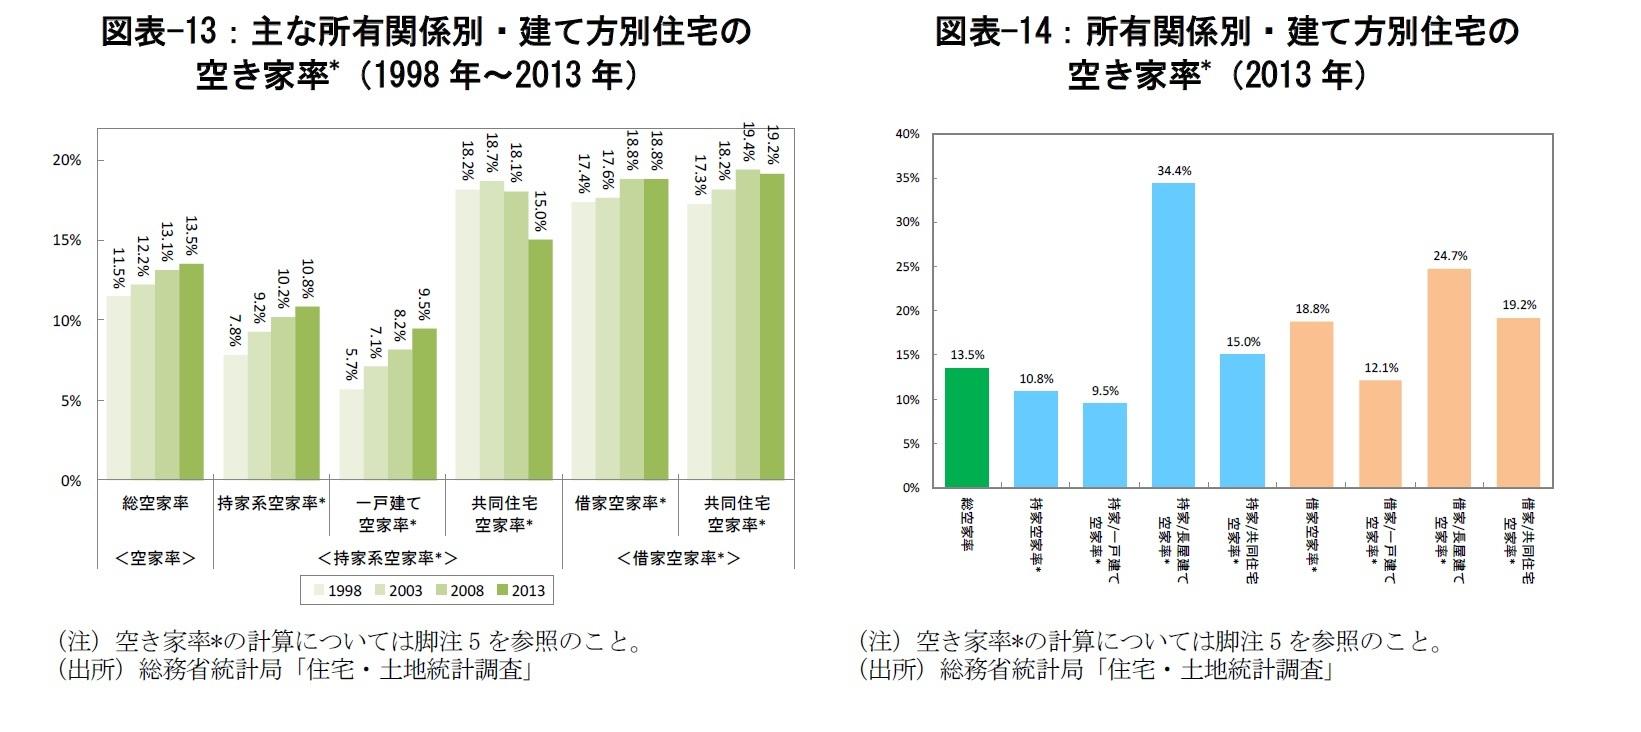 図表-13:主な所有関係別・建て方別住宅の空き家率*(1998年~2013年)/図表-14:所有関係別・建て方別住宅の空き家率*(2013年)